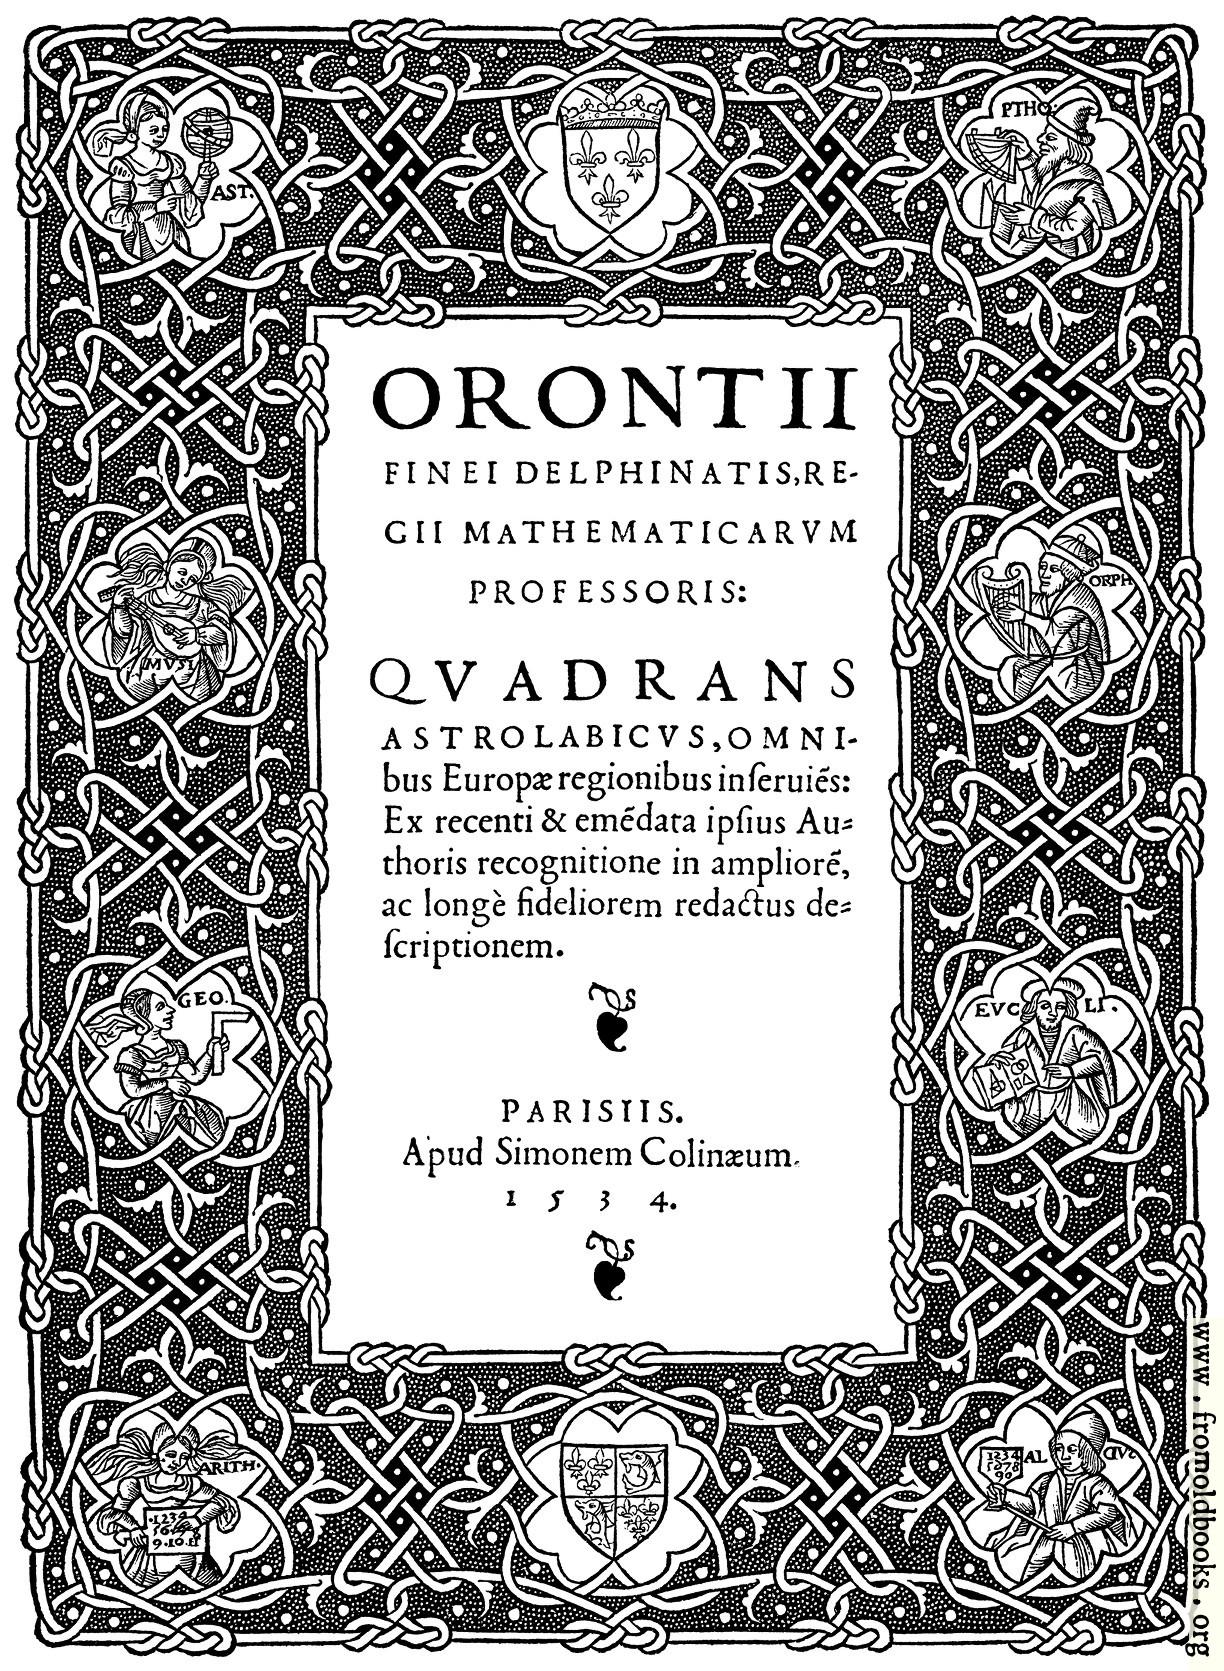 title page orontii quadrans astrolabicus omnibus 1224x1671 903k